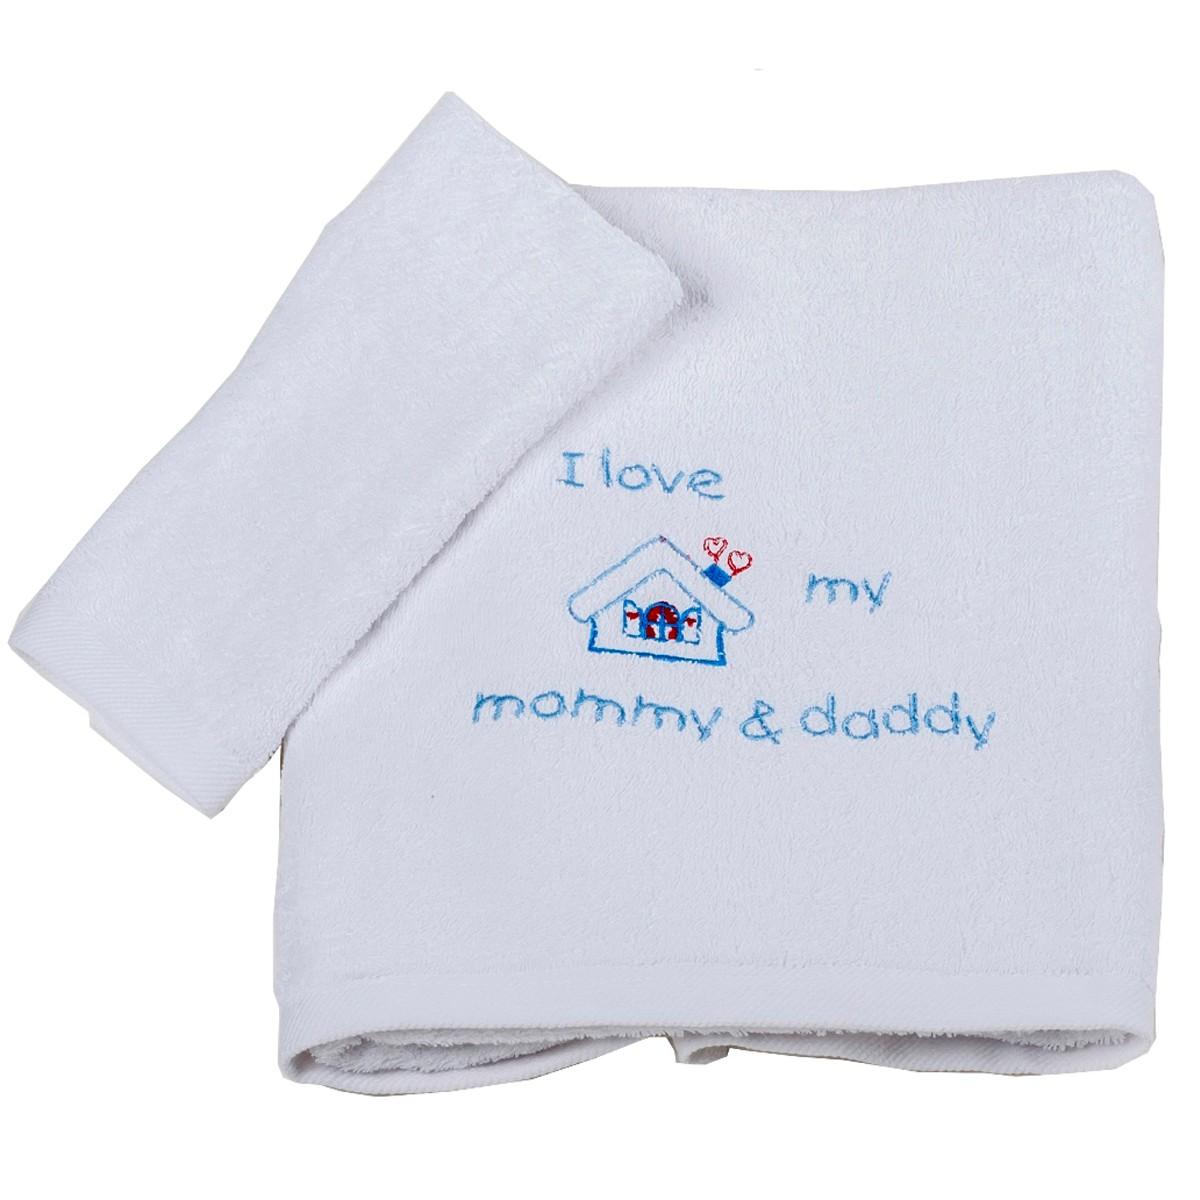 Βρεφικές Πετσέτες (Σετ 2τμχ) Κόσμος Του Μωρού Love 0502 Σιέλ 74634